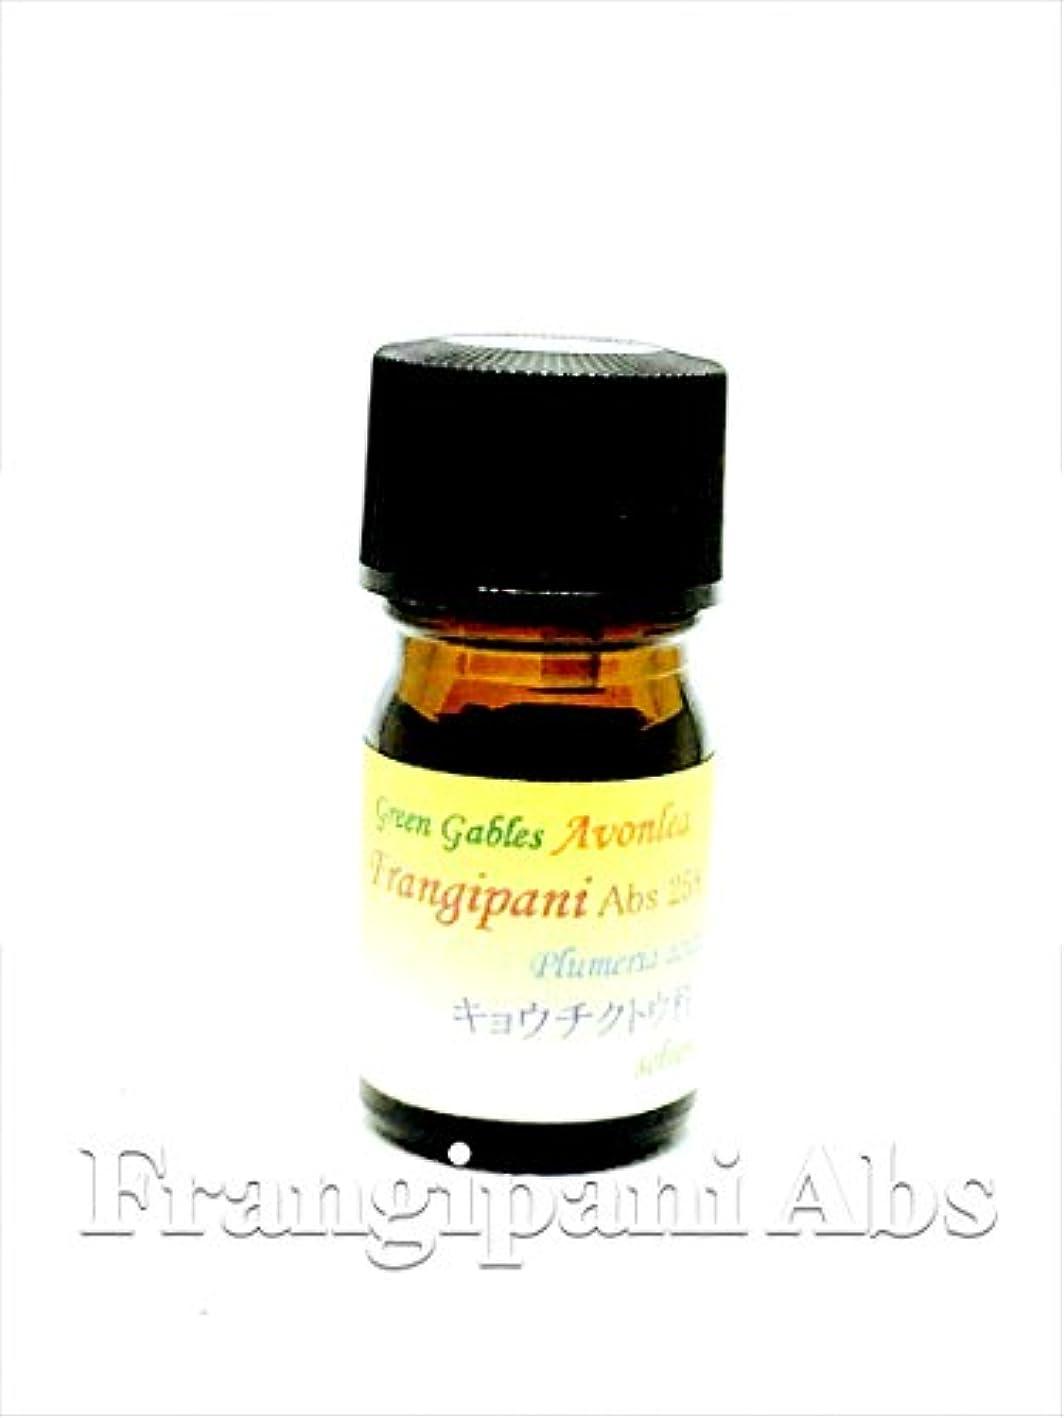 に期待するサラミフランジュパ二Abs ピュアエッセンシャルオイル精油 (プルメリアAbs) (30ml)